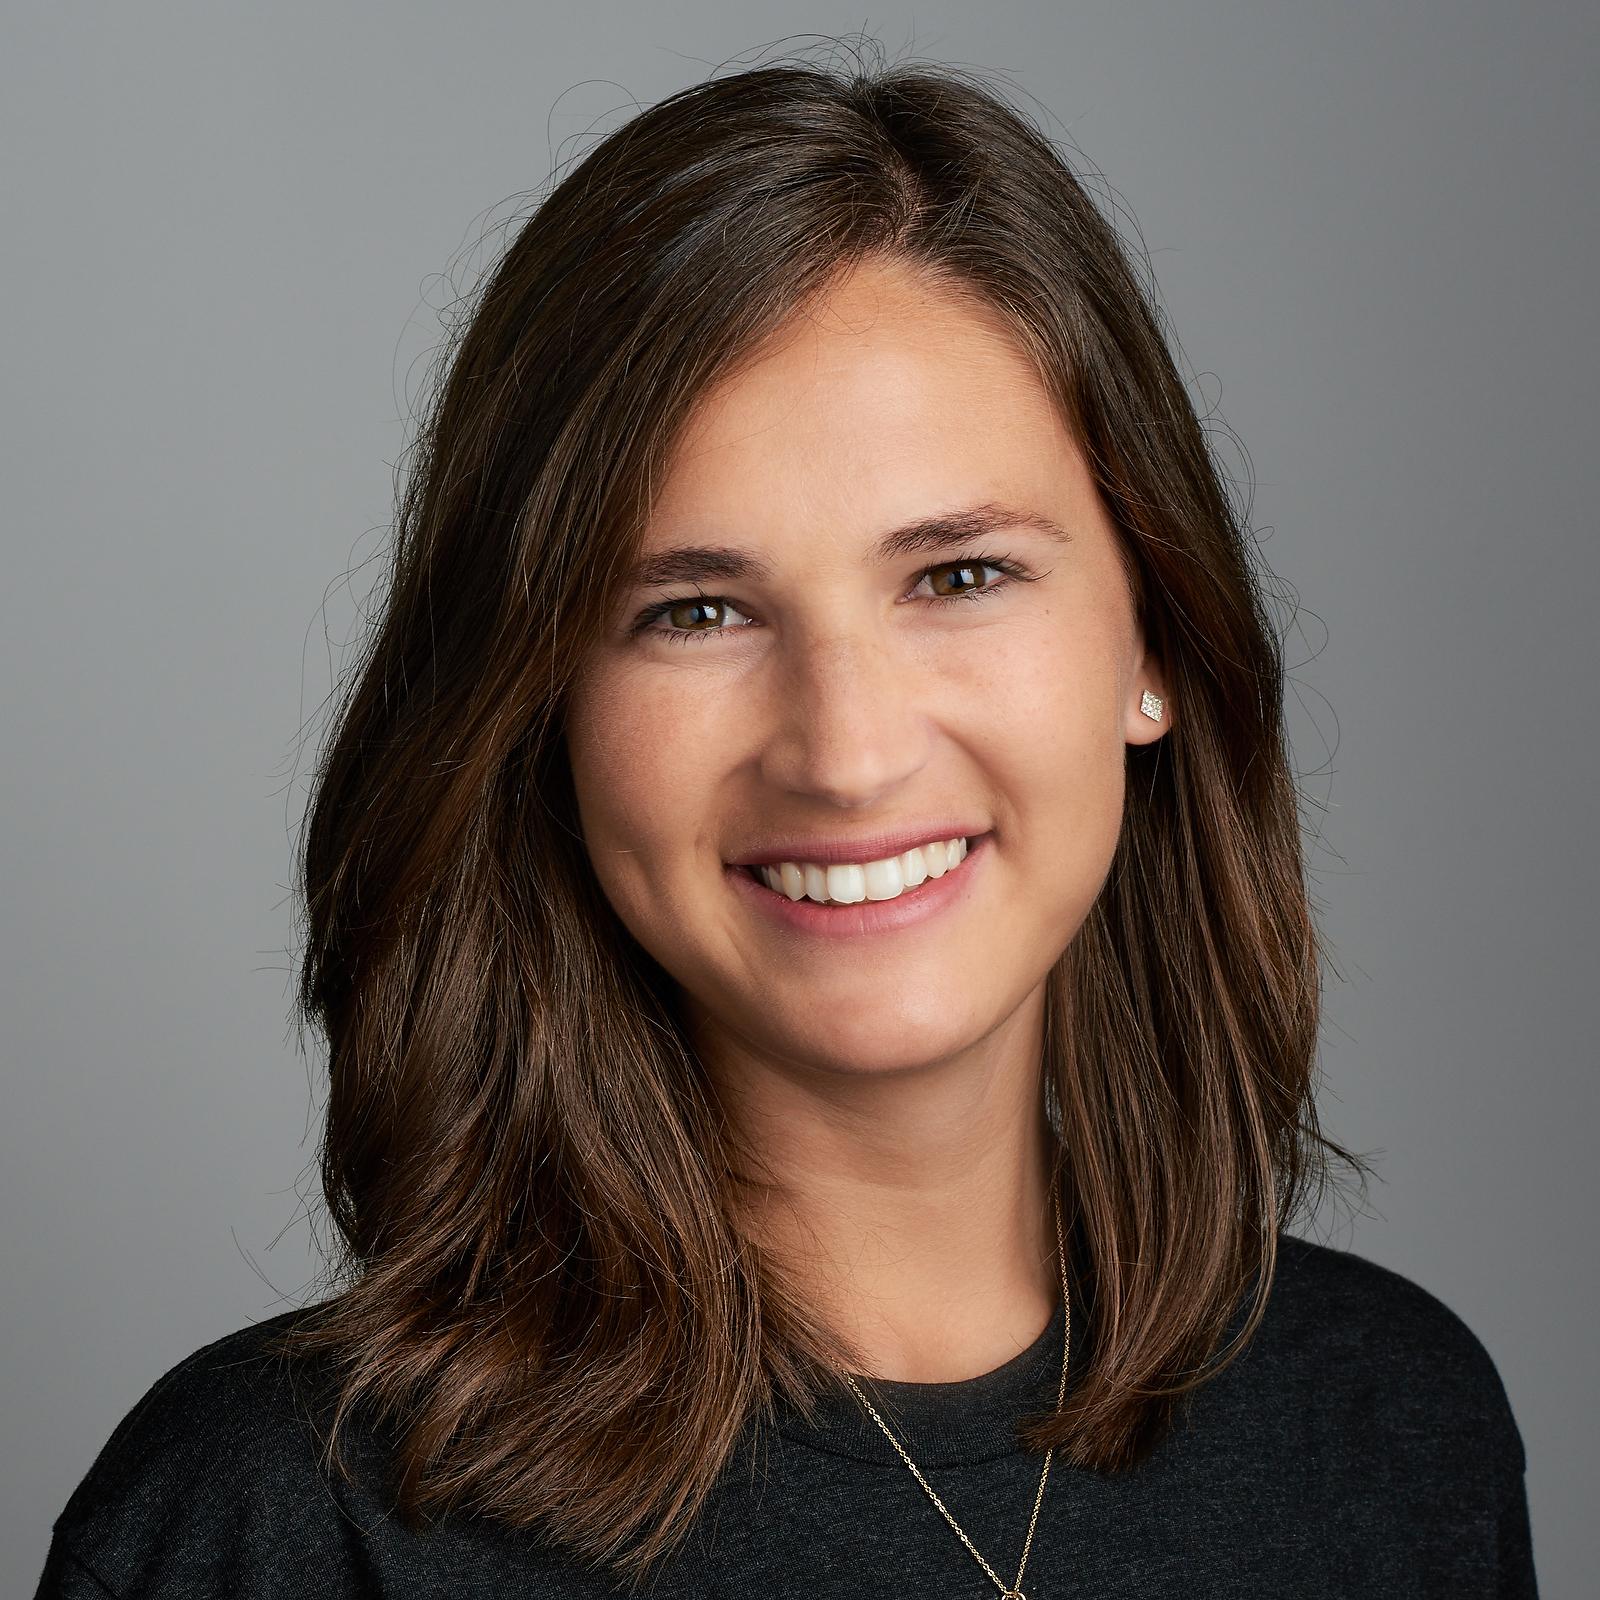 Kristin Twiford